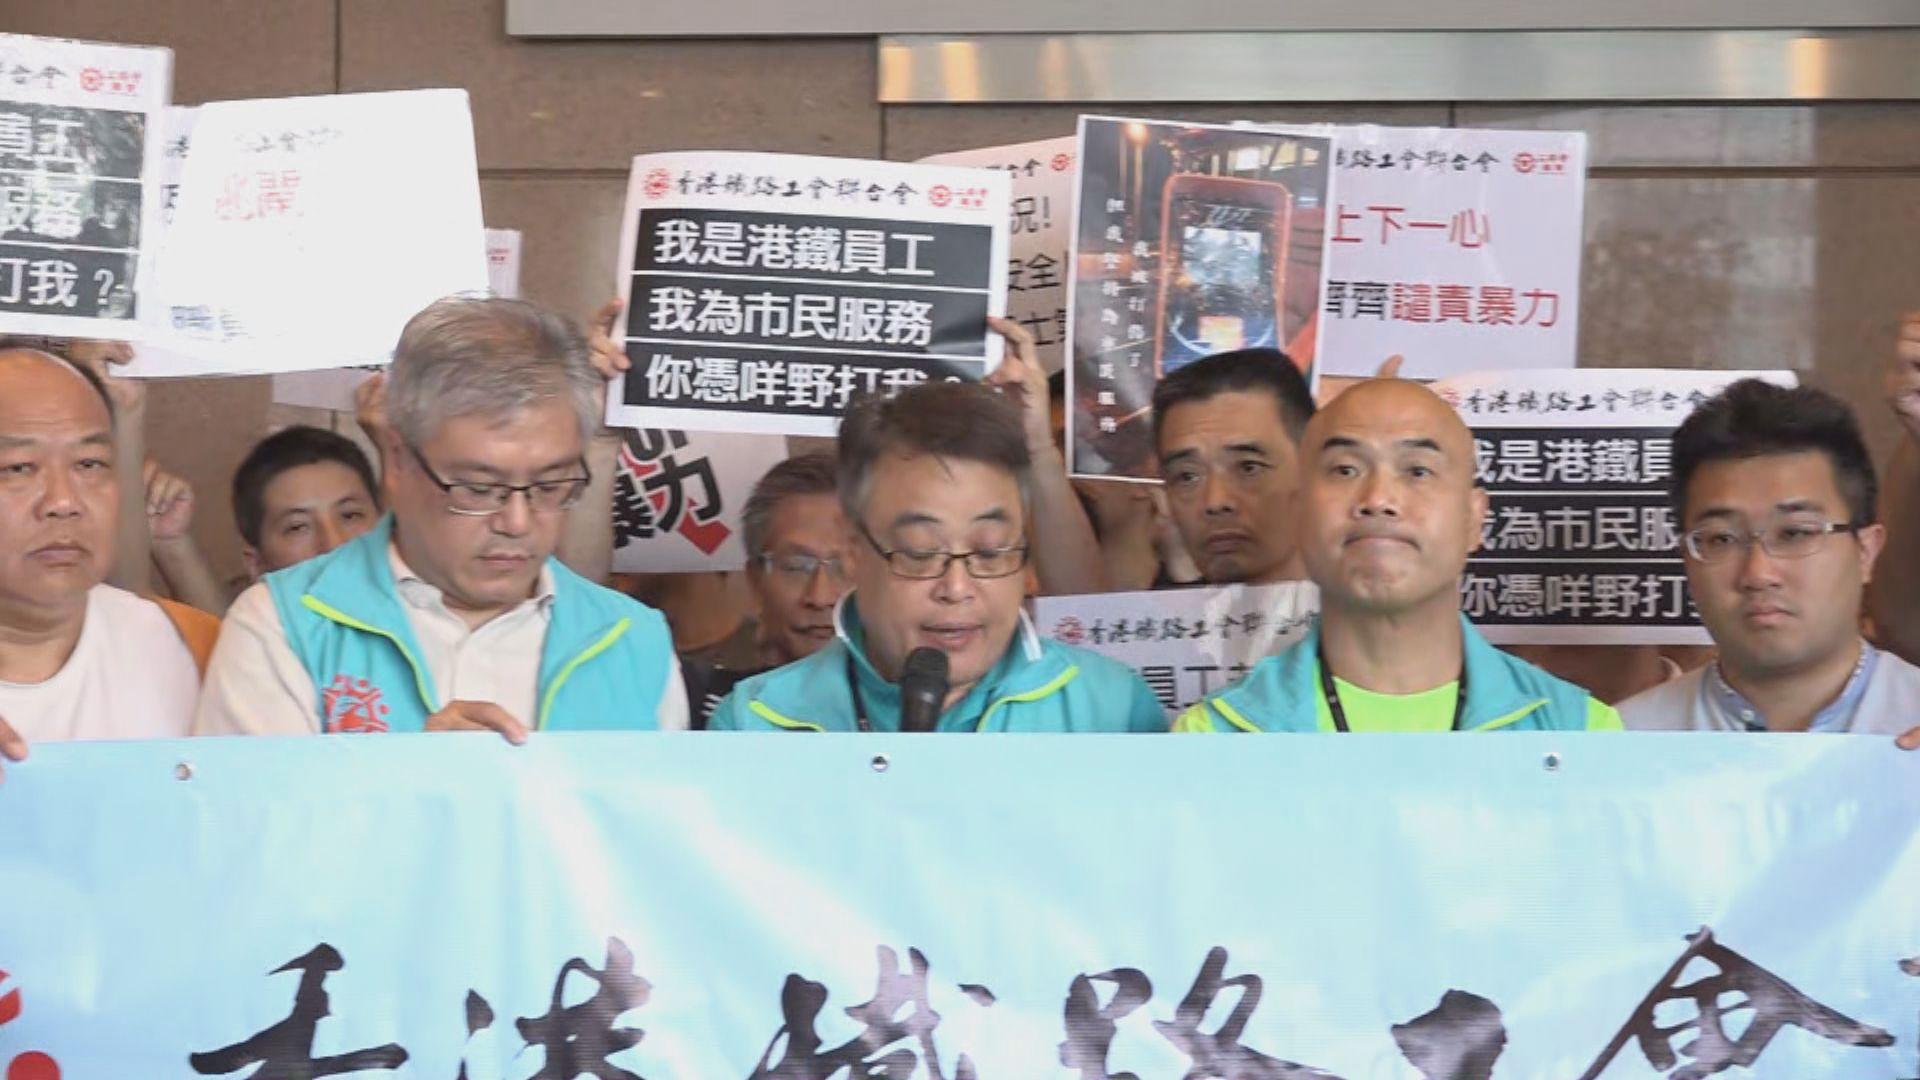 港鐵工會請願促港鐵落實保障員工安全措施